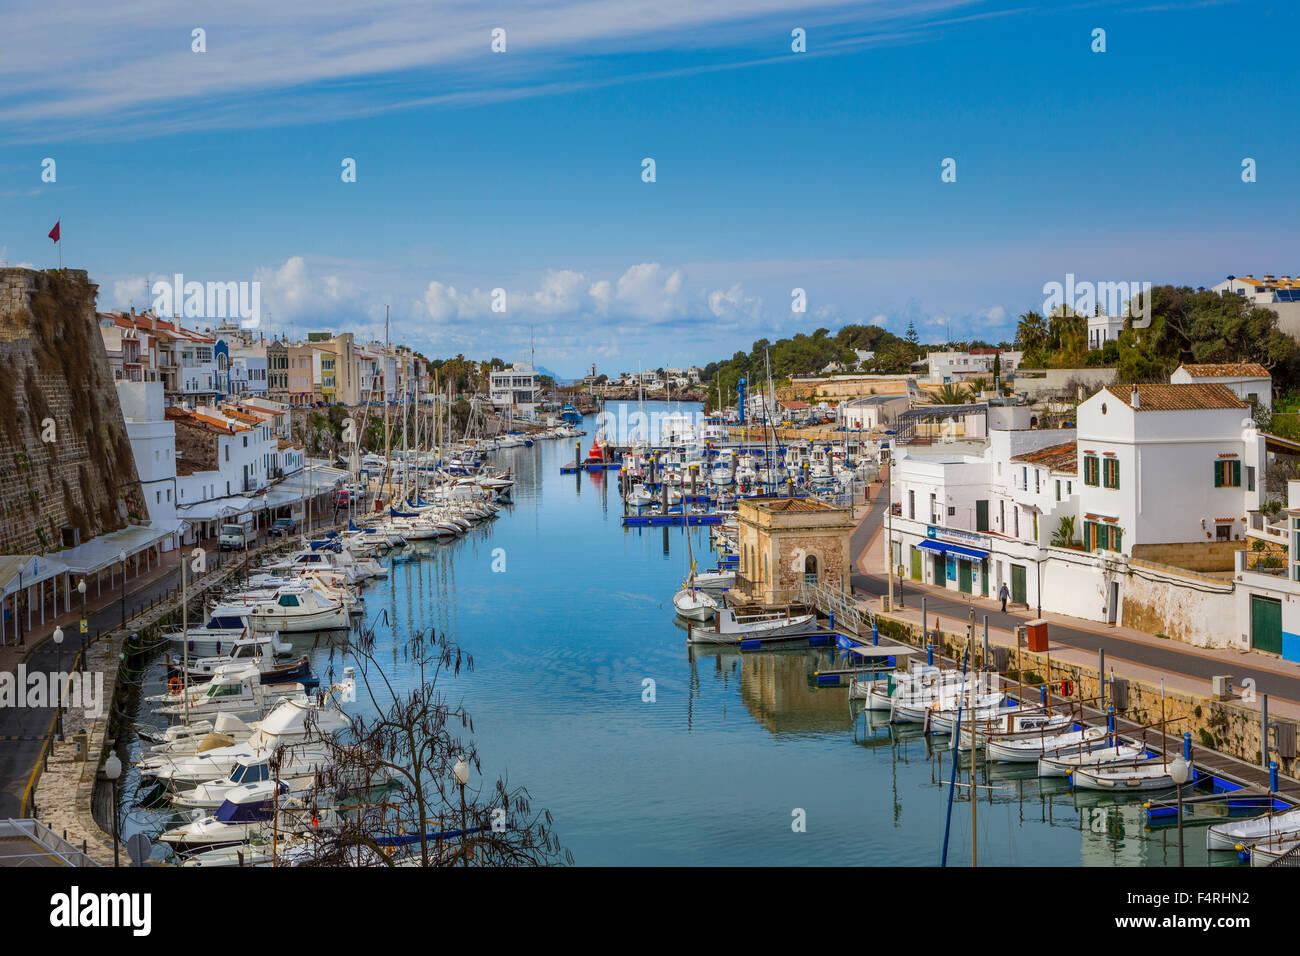 Edificio, Ciutadella, Paisaje, Menorca, Islas Baleares, el muelle, la arquitectura, la bahía, barcos, Mediterráneo, Imagen De Stock